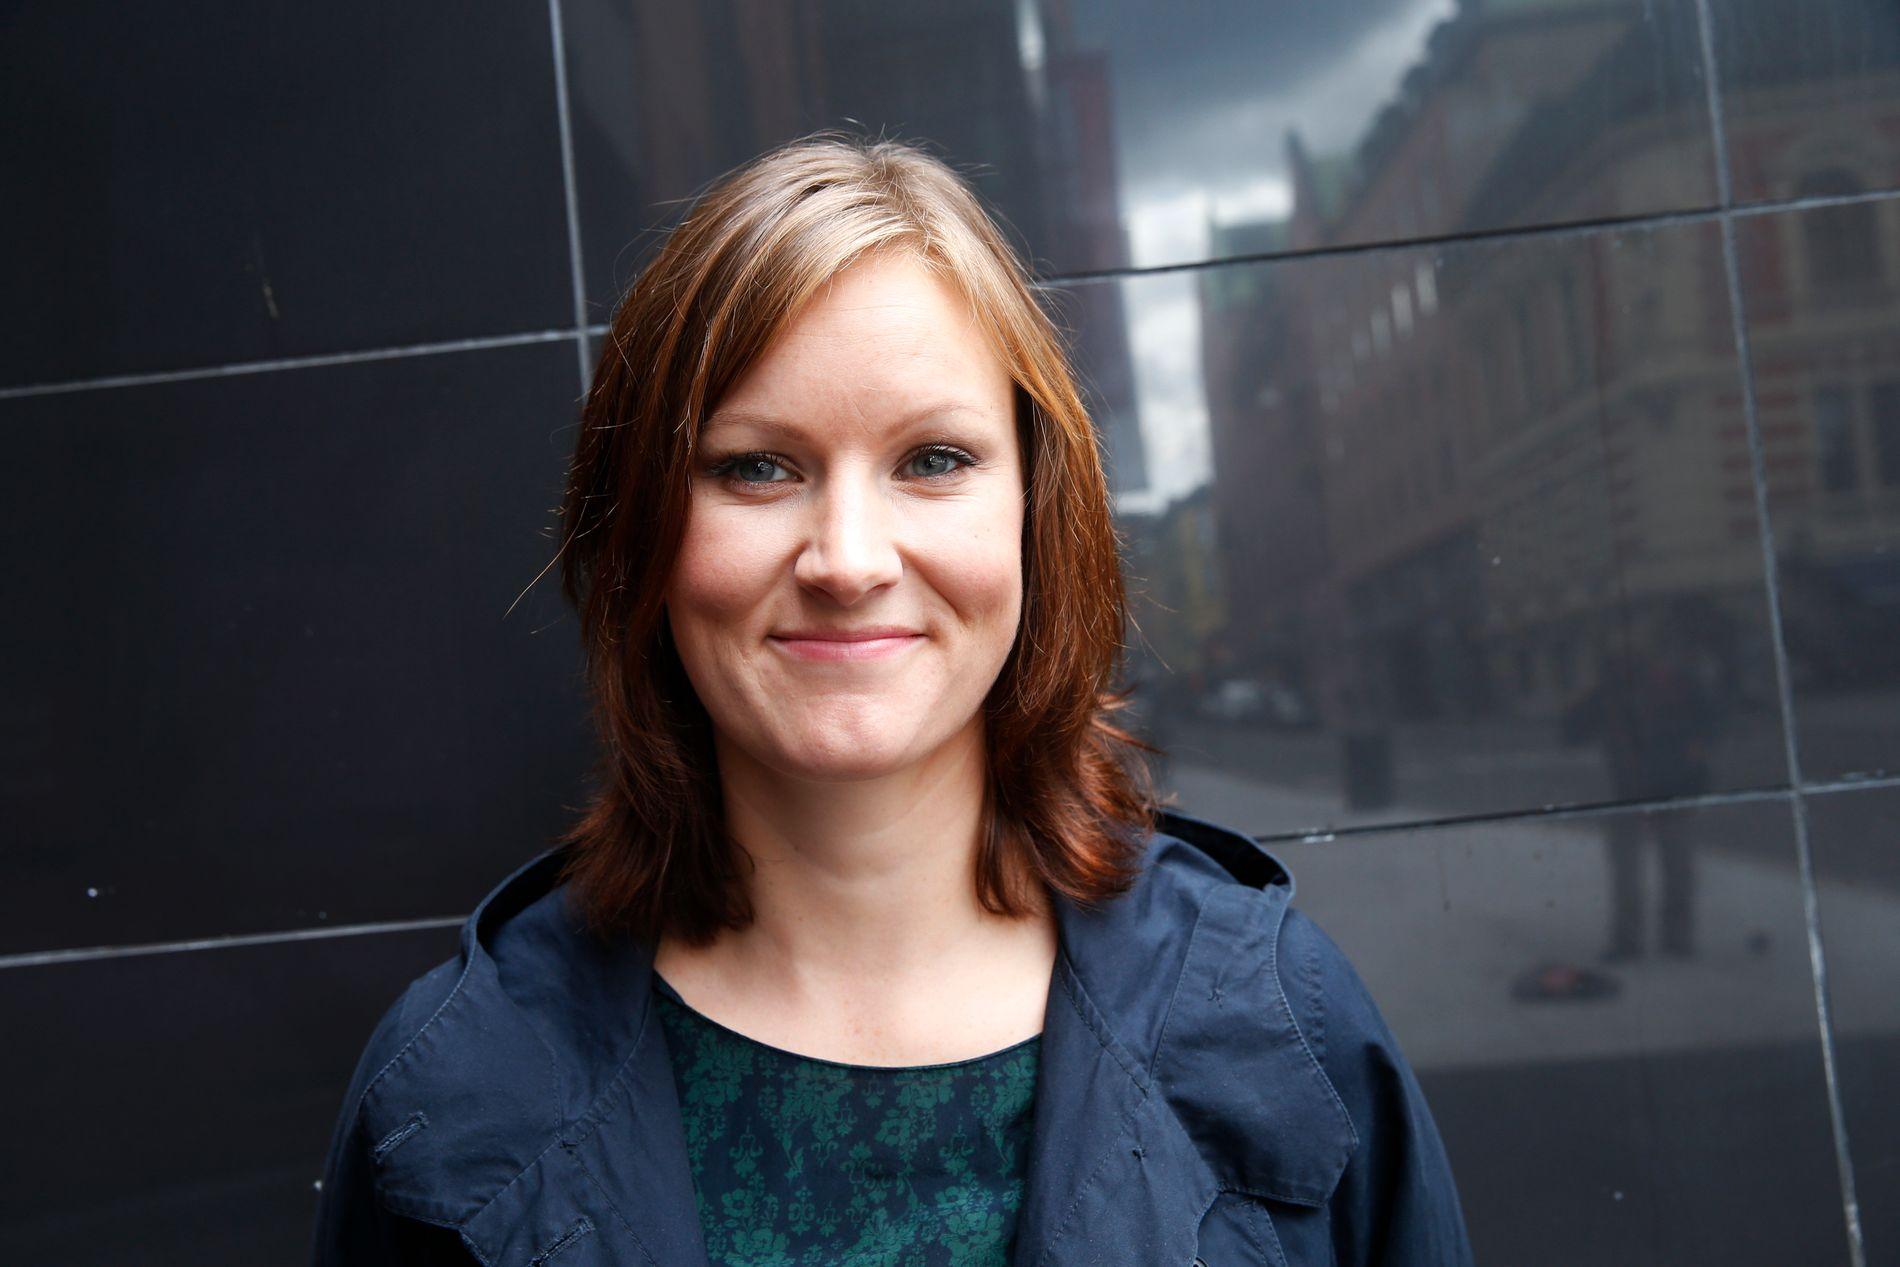 TIDLIGERE ELEV: Forfatter Agnes Ravatn gikk på Skrivekunstakademiet i 2004/2005.